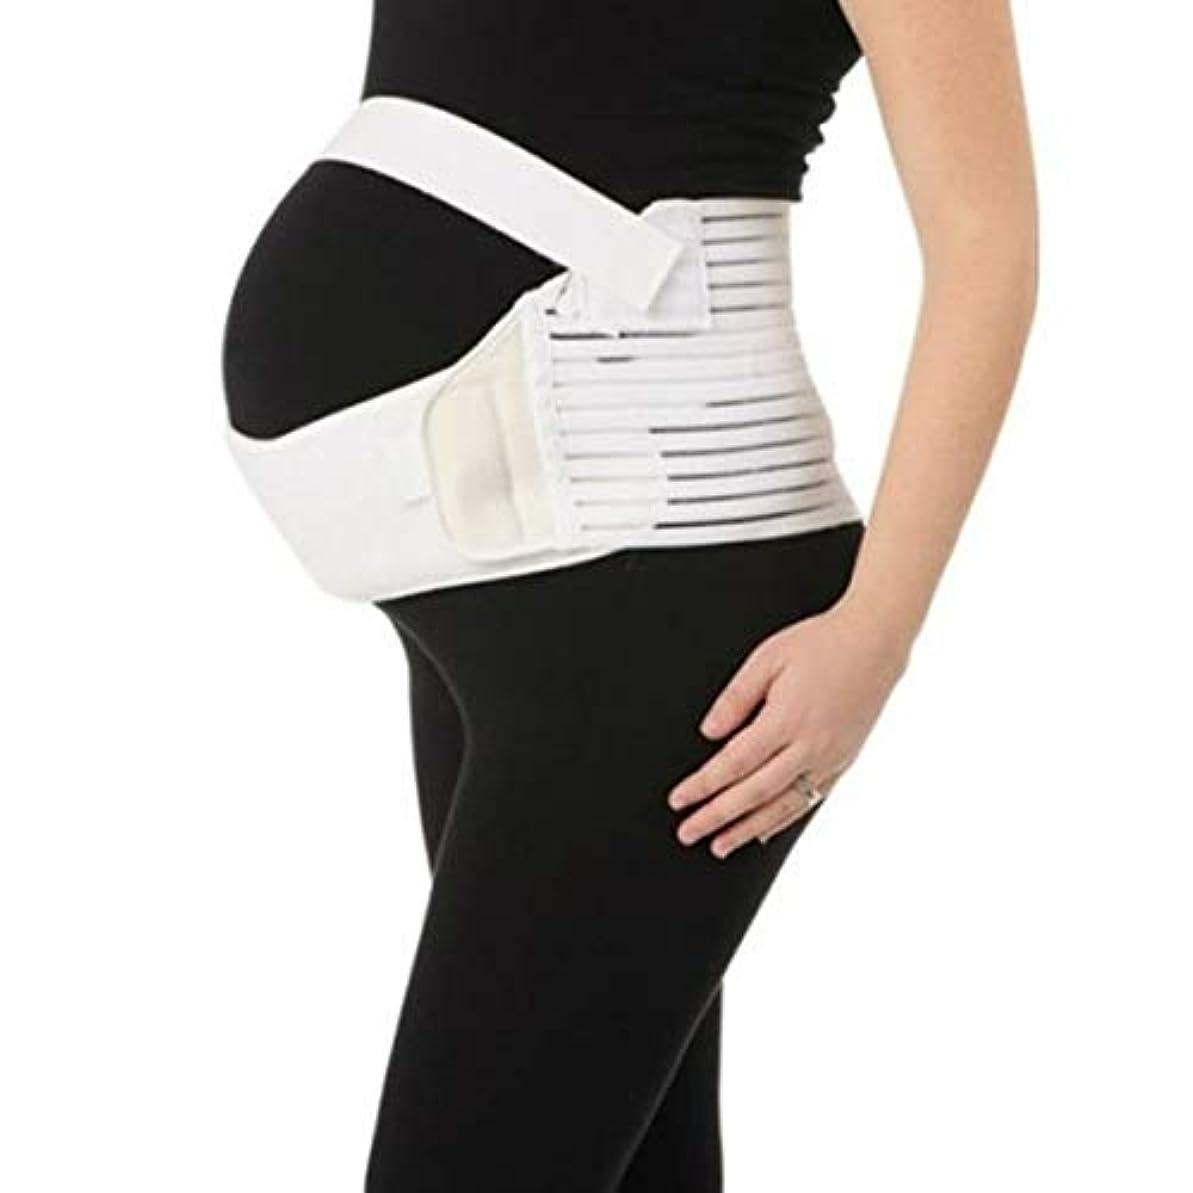 ソース読者アドバイス通気性マタニティベルト妊娠腹部サポート腹部バインダーガードル運動包帯産後回復形状ウェア - ホワイトXL